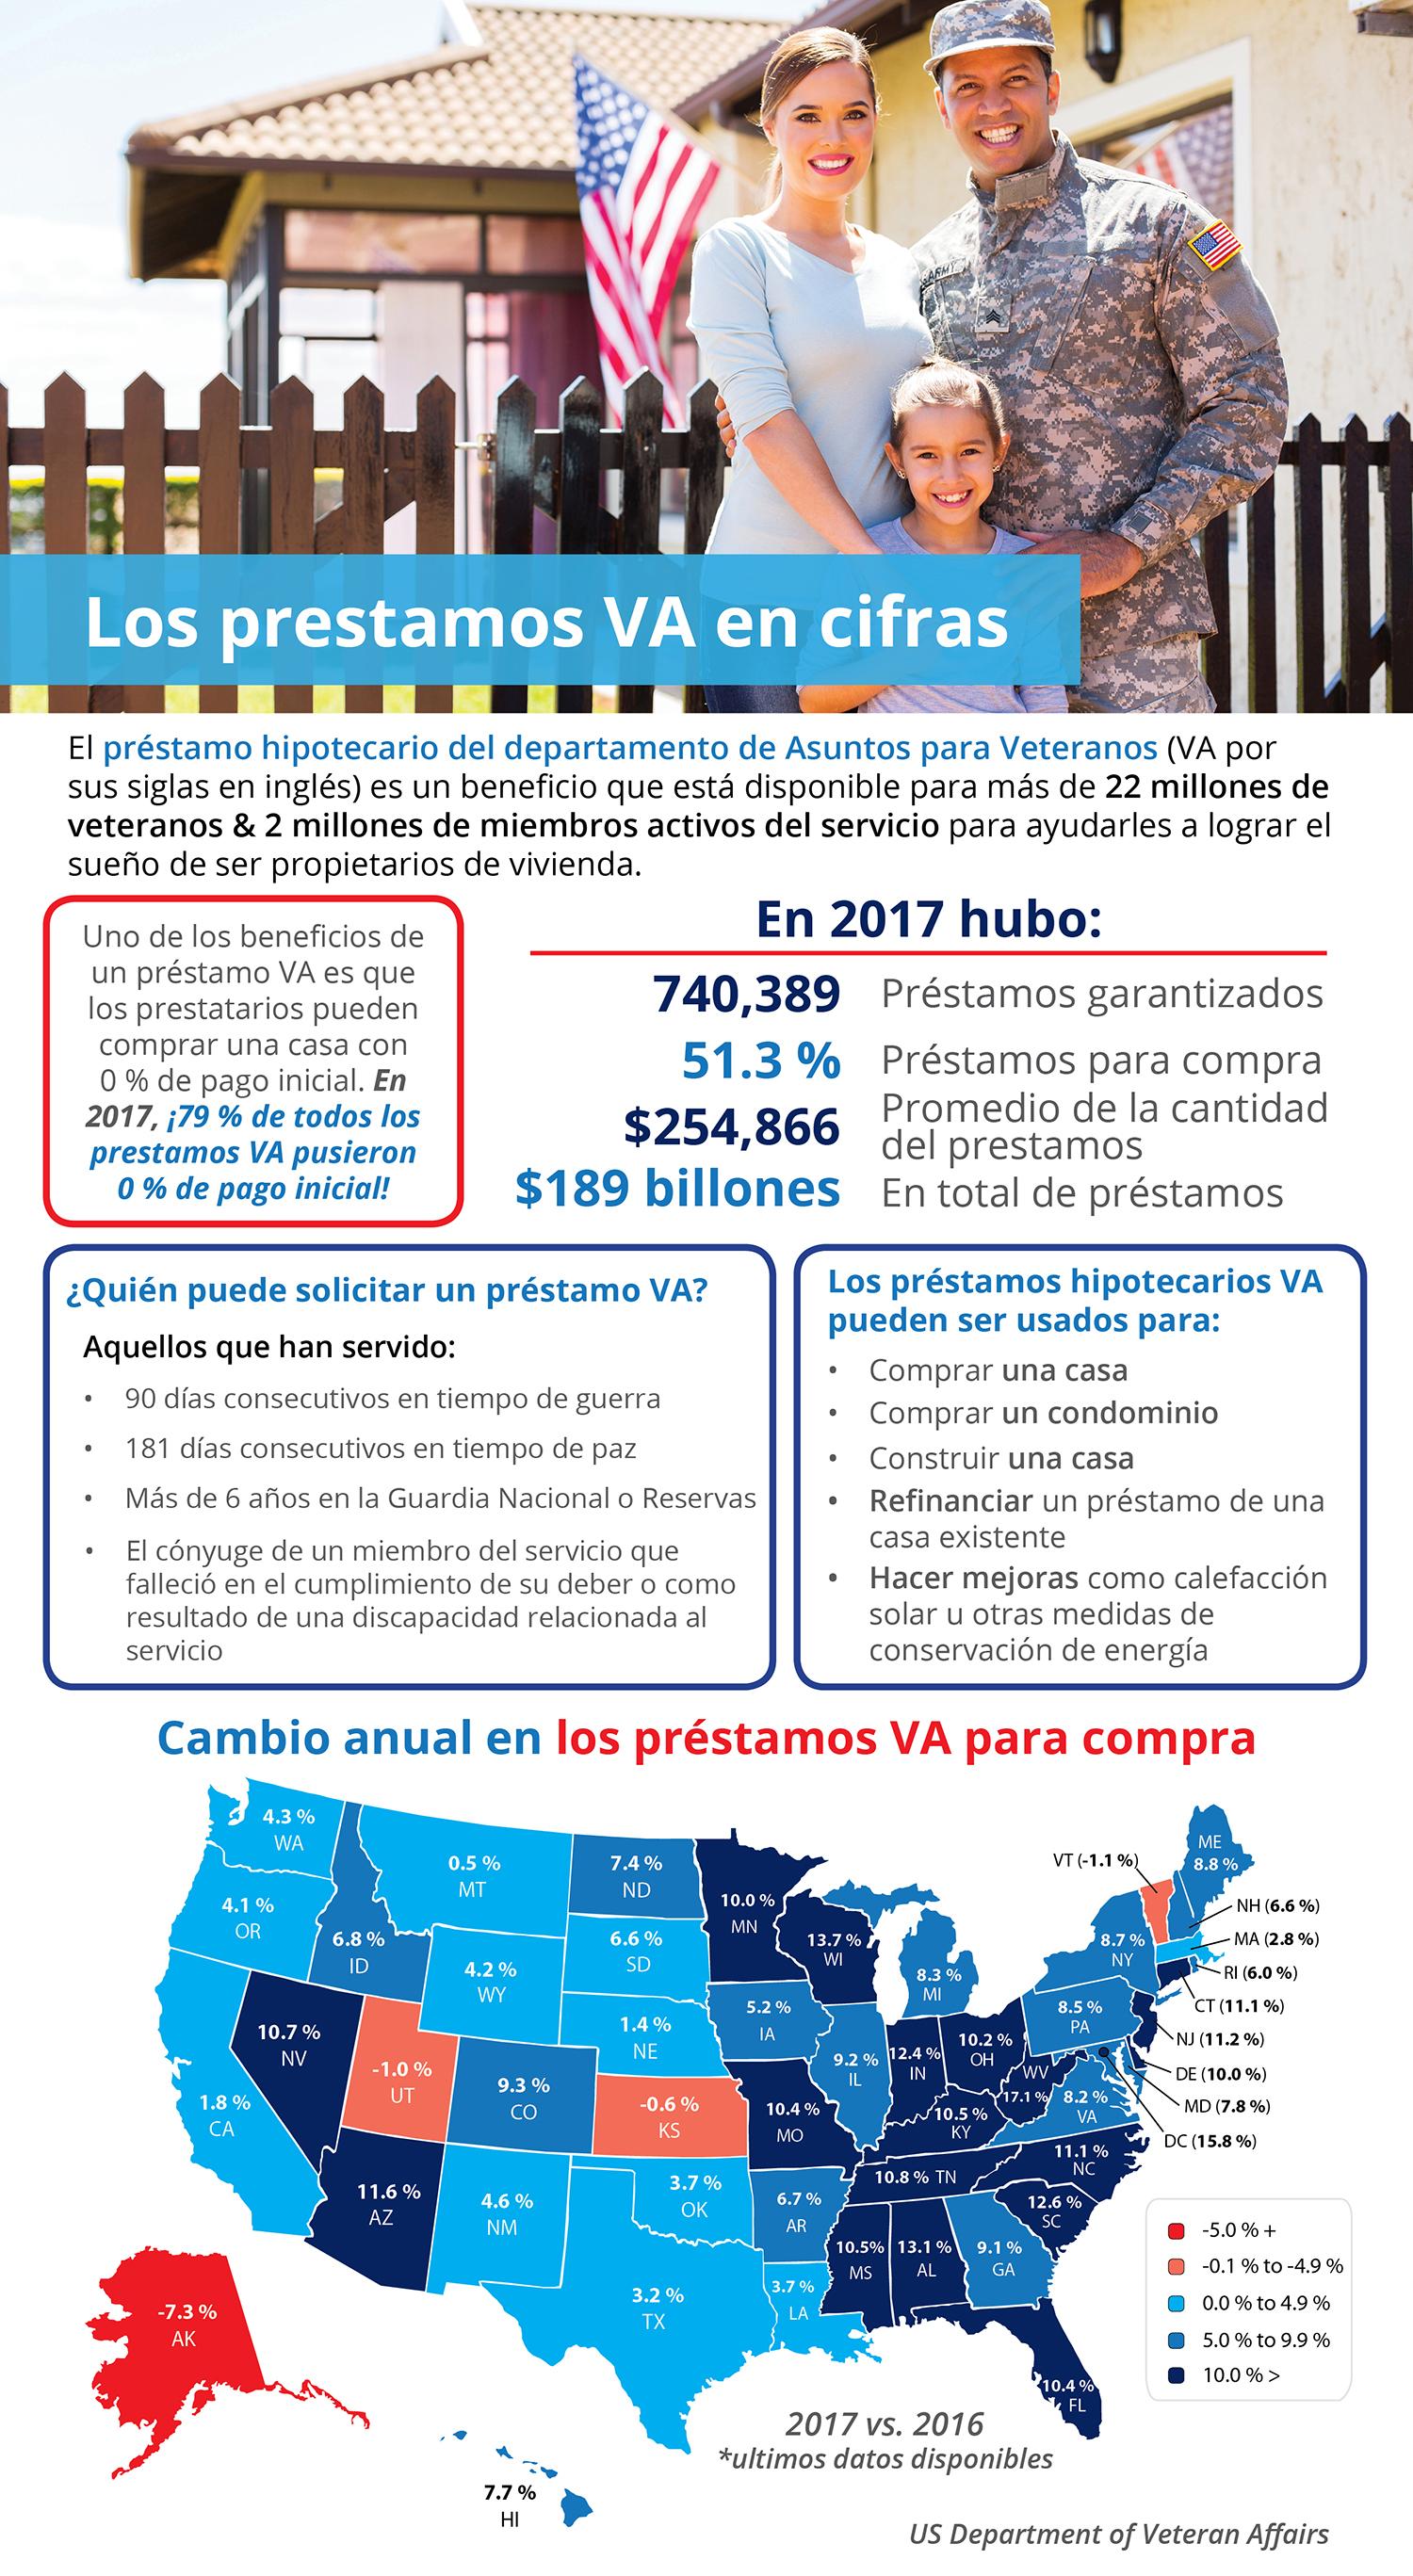 Los préstamos hipotecarios VA en cifras [infografía] | Simplifying The Market